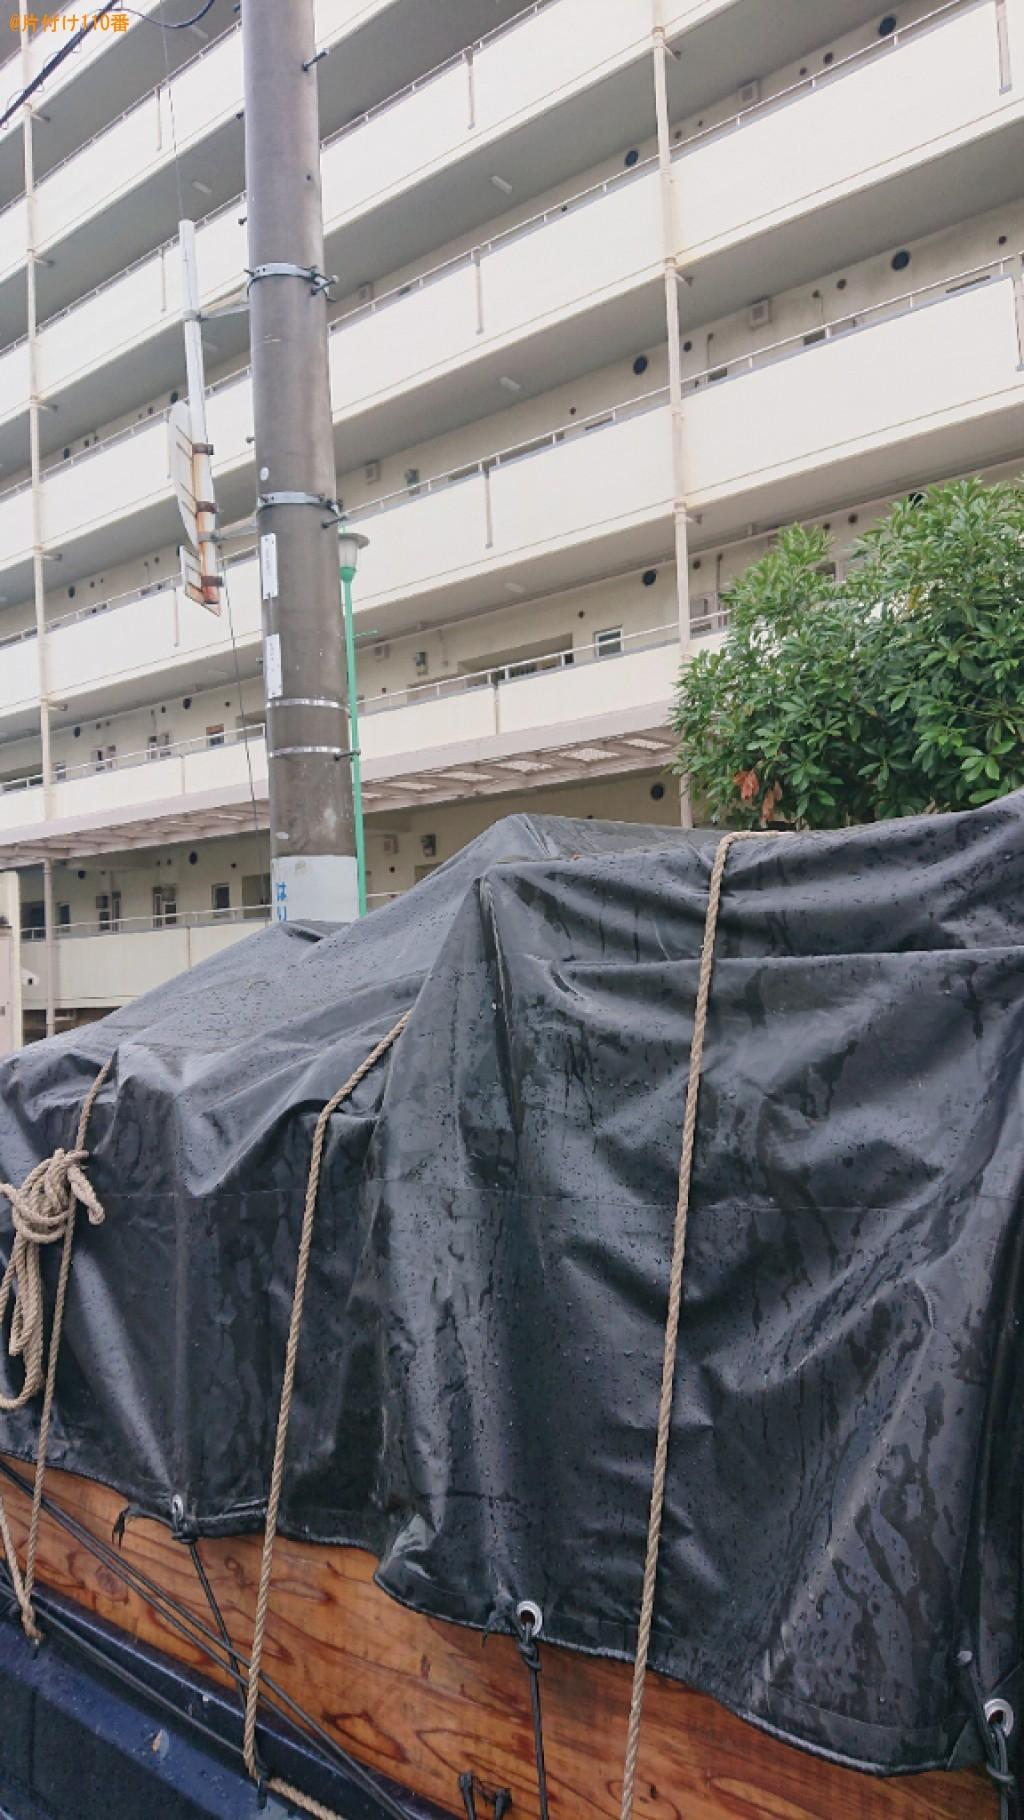 【大阪市東淀川区】一般ごみ等の回収とハウスクリーニングご依頼